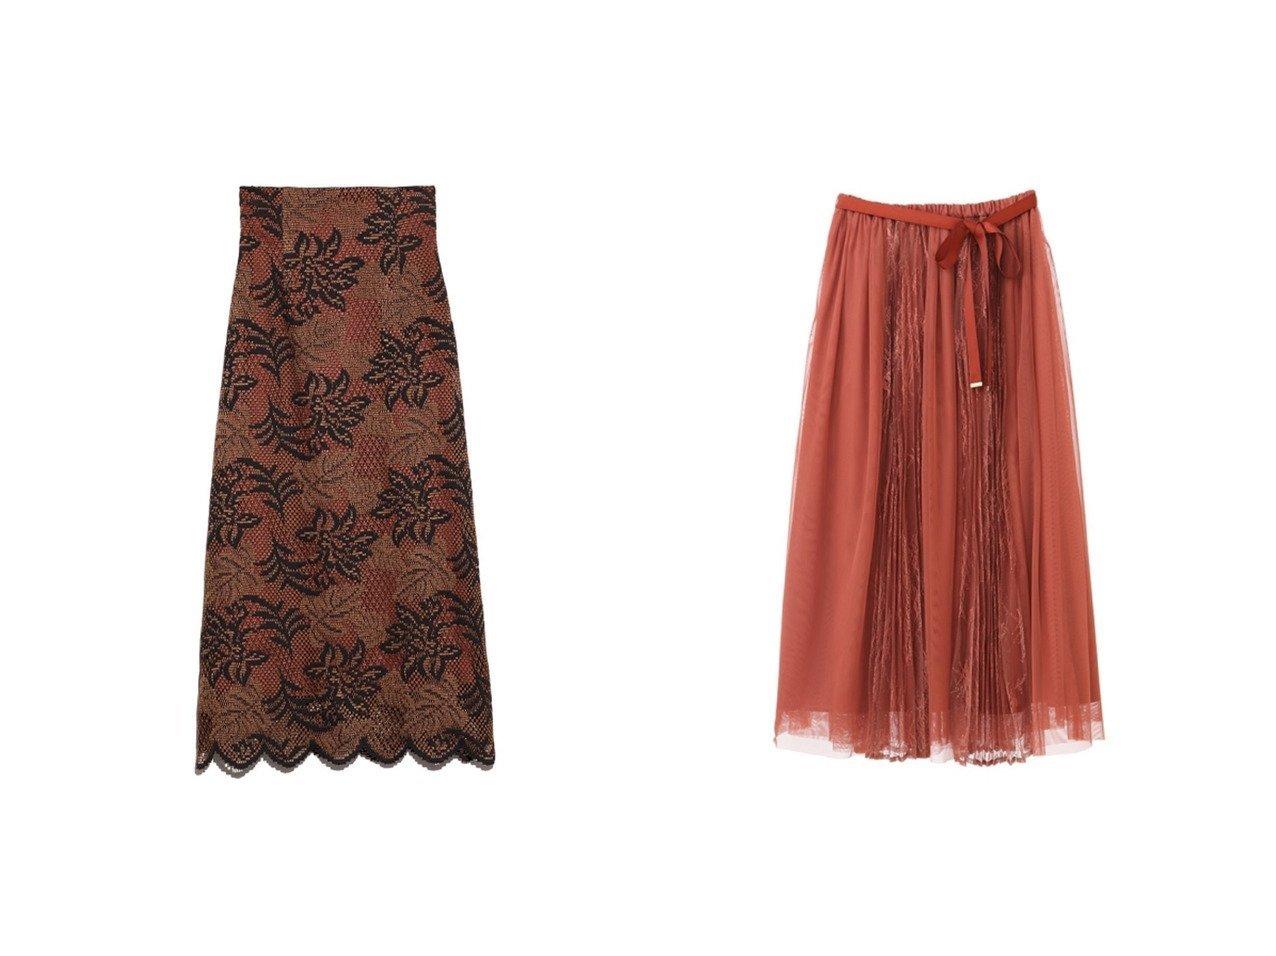 【31 Sons de mode/トランテアン ソン ドゥ モード】の【スカート】レースプリーツ切替チュールスカート&【Lily Brown/リリーブラウン】のバイカラーフラワーレーススカート スカートのおすすめ!人気、レディースファッションの通販 おすすめで人気のファッション通販商品 インテリア・家具・キッズファッション・メンズファッション・レディースファッション・服の通販 founy(ファニー) https://founy.com/ ファッション Fashion レディース WOMEN スカート Skirt エレガント スカラップ ハンド レース 秋冬 A/W Autumn/ Winter 切替 スカーフ スリーブ チュール プリーツ 冬 Winter |ID:crp329100000001506